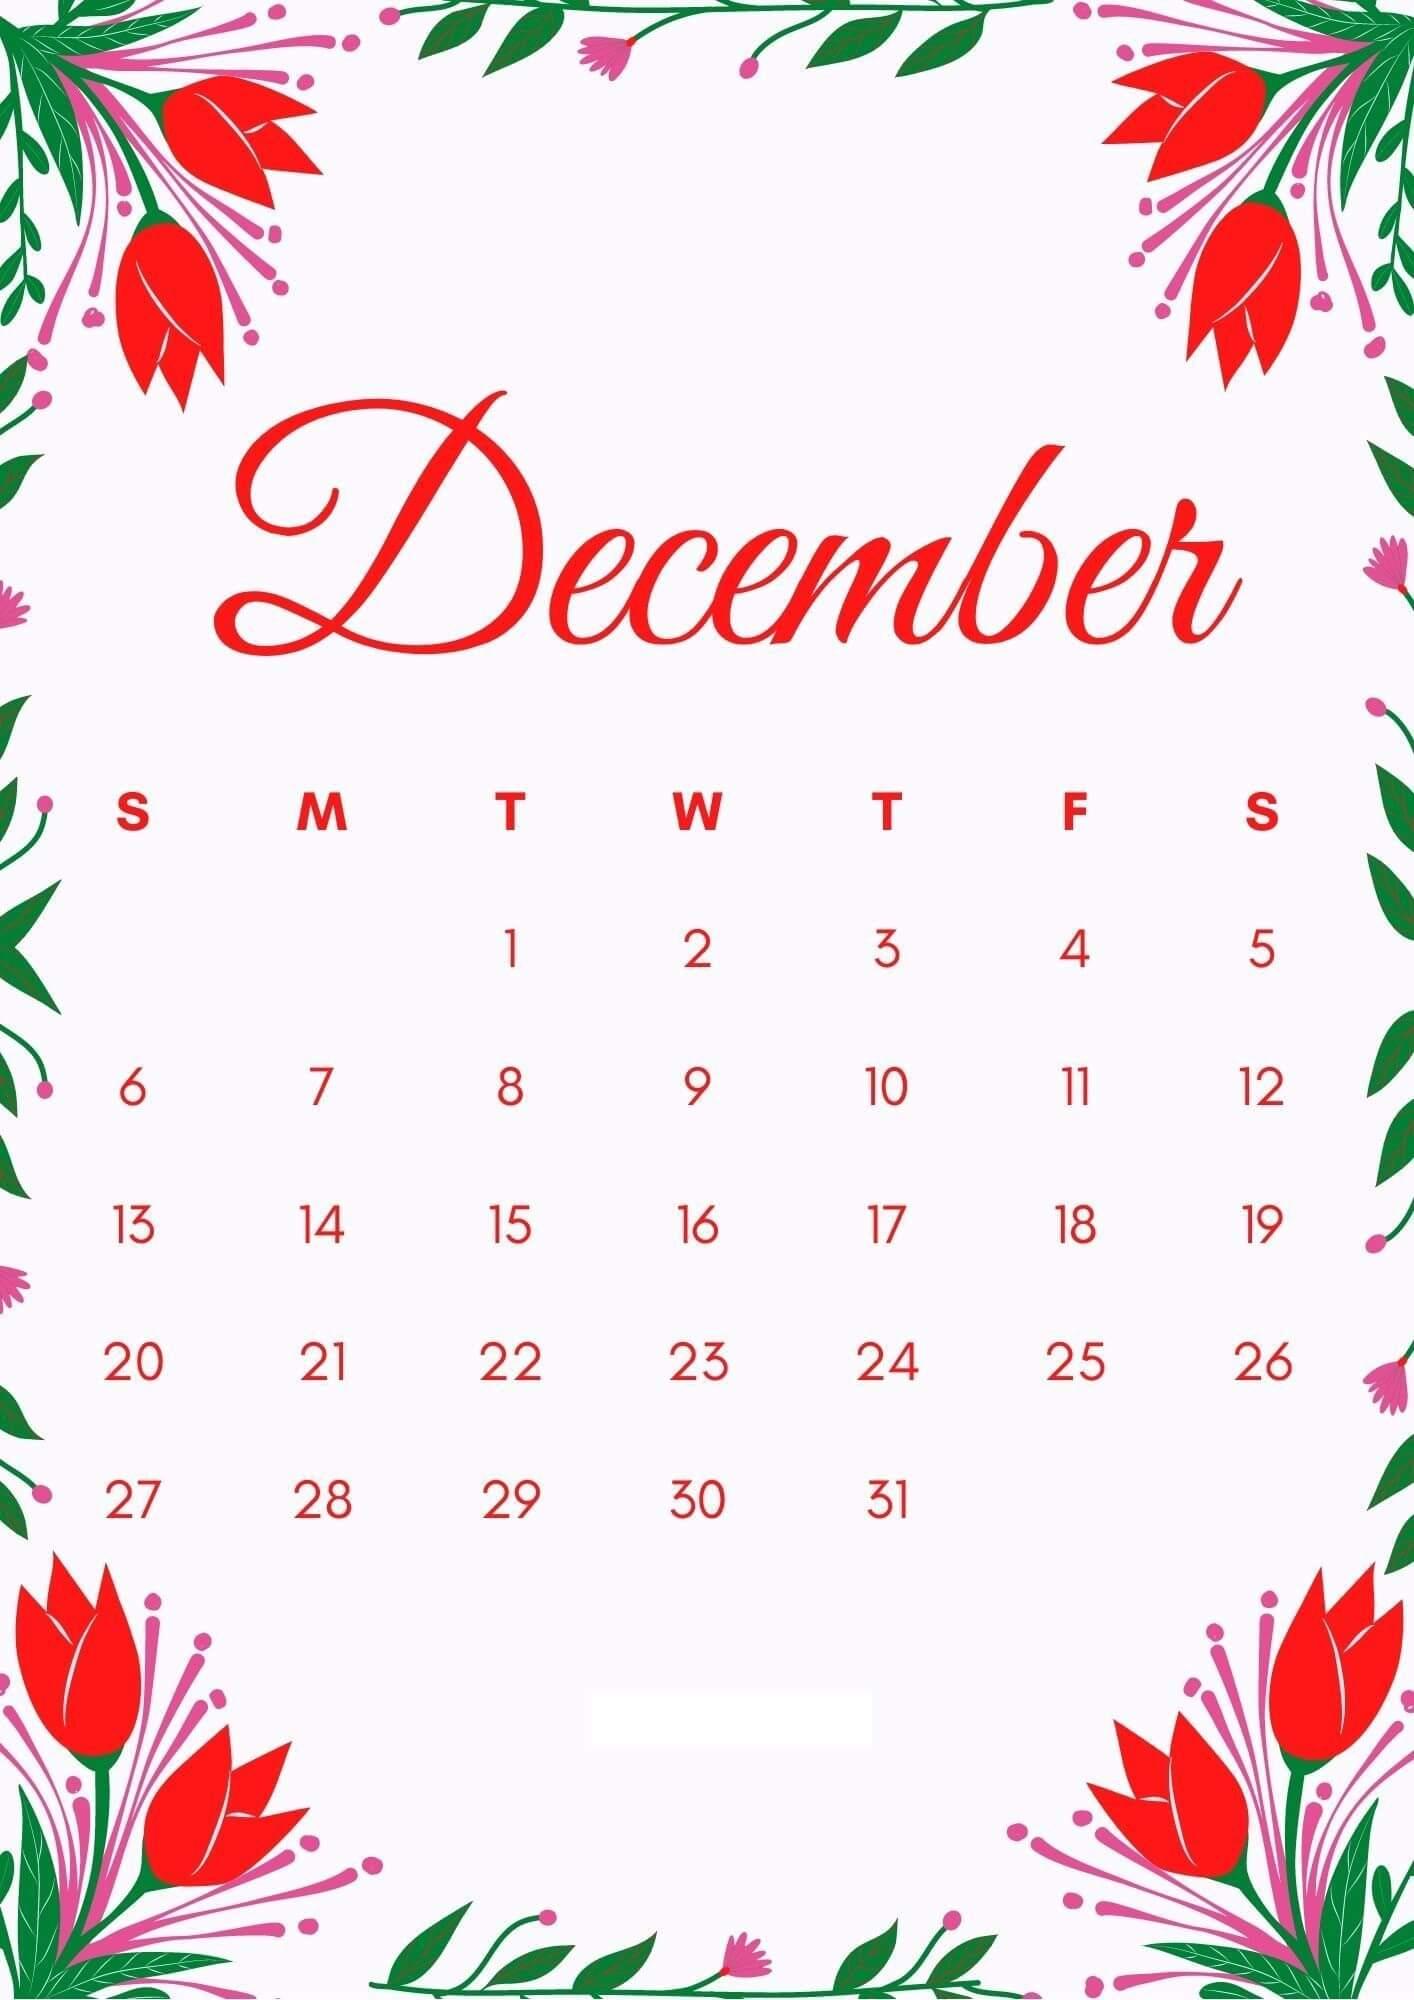 December 2020 iPhone Calendar Wallpaper